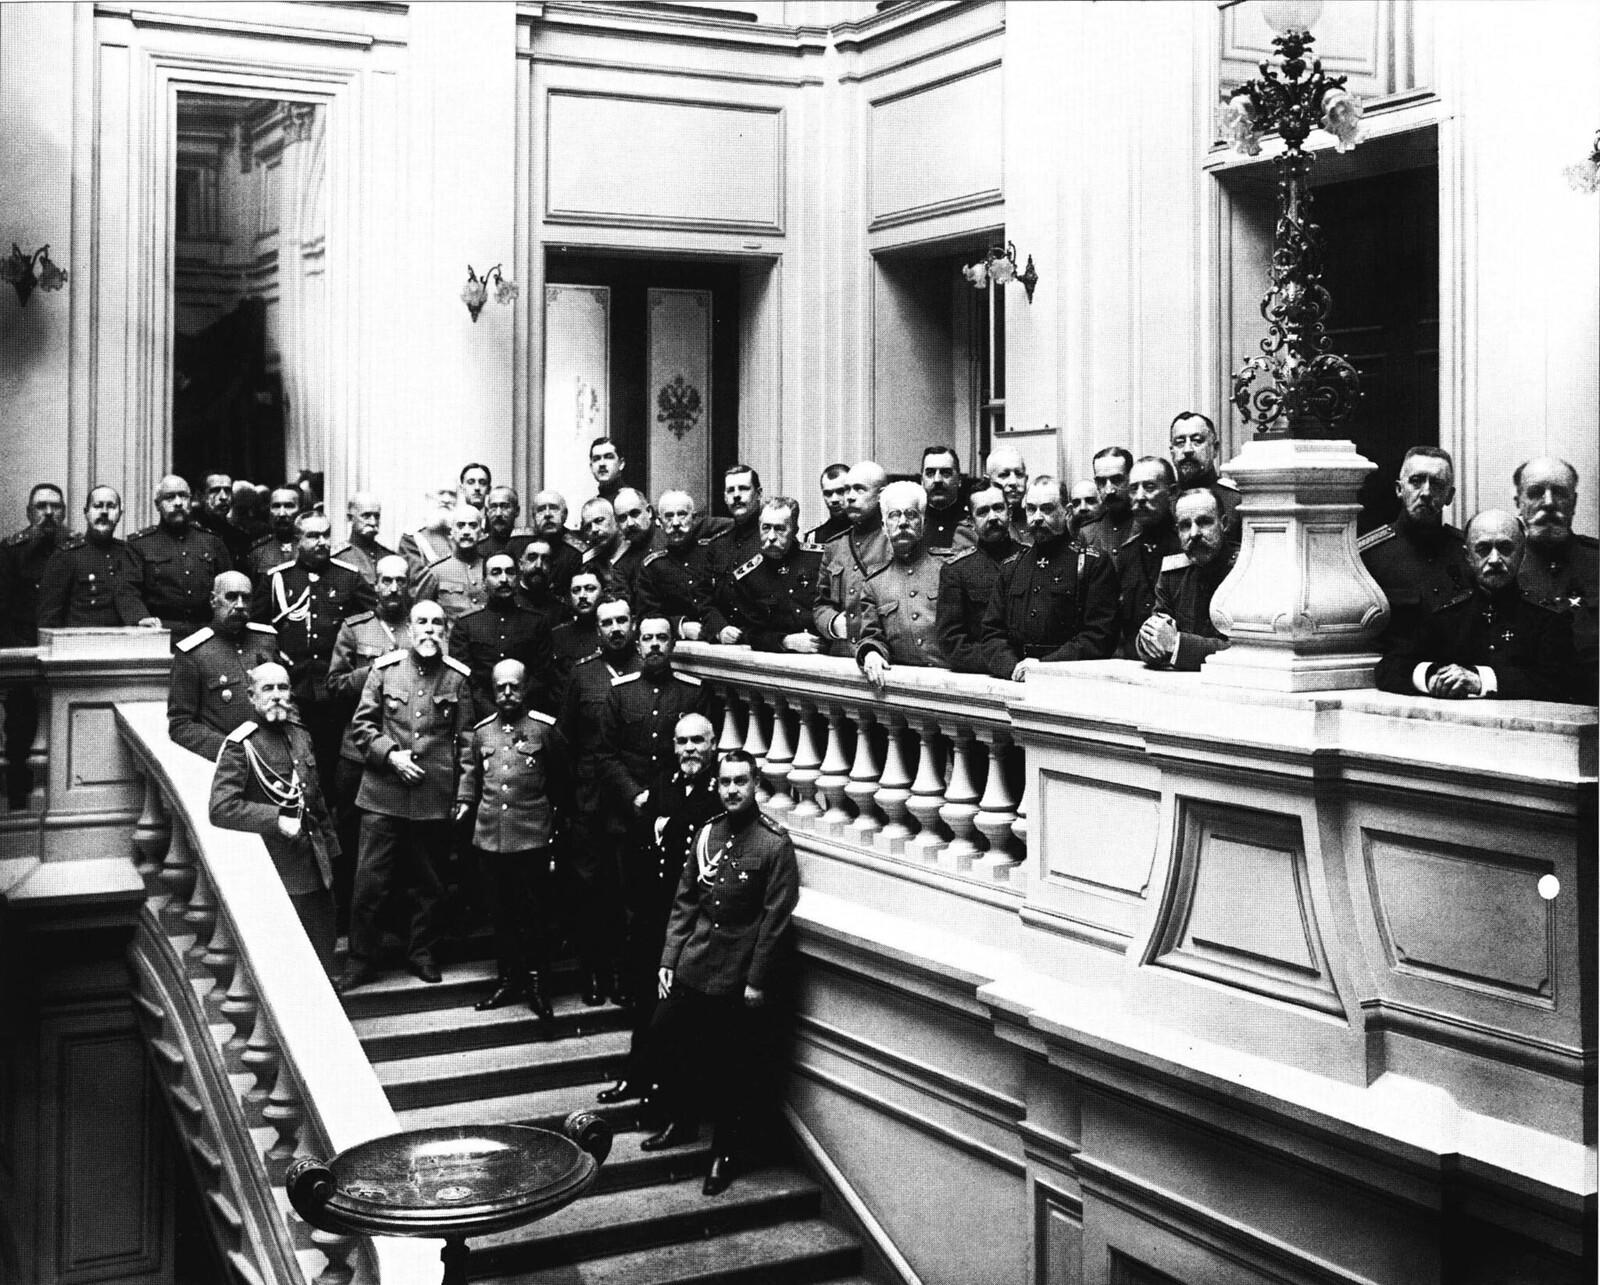 1916. Дом армии и флота. Группа офицеров на лестнице. Март